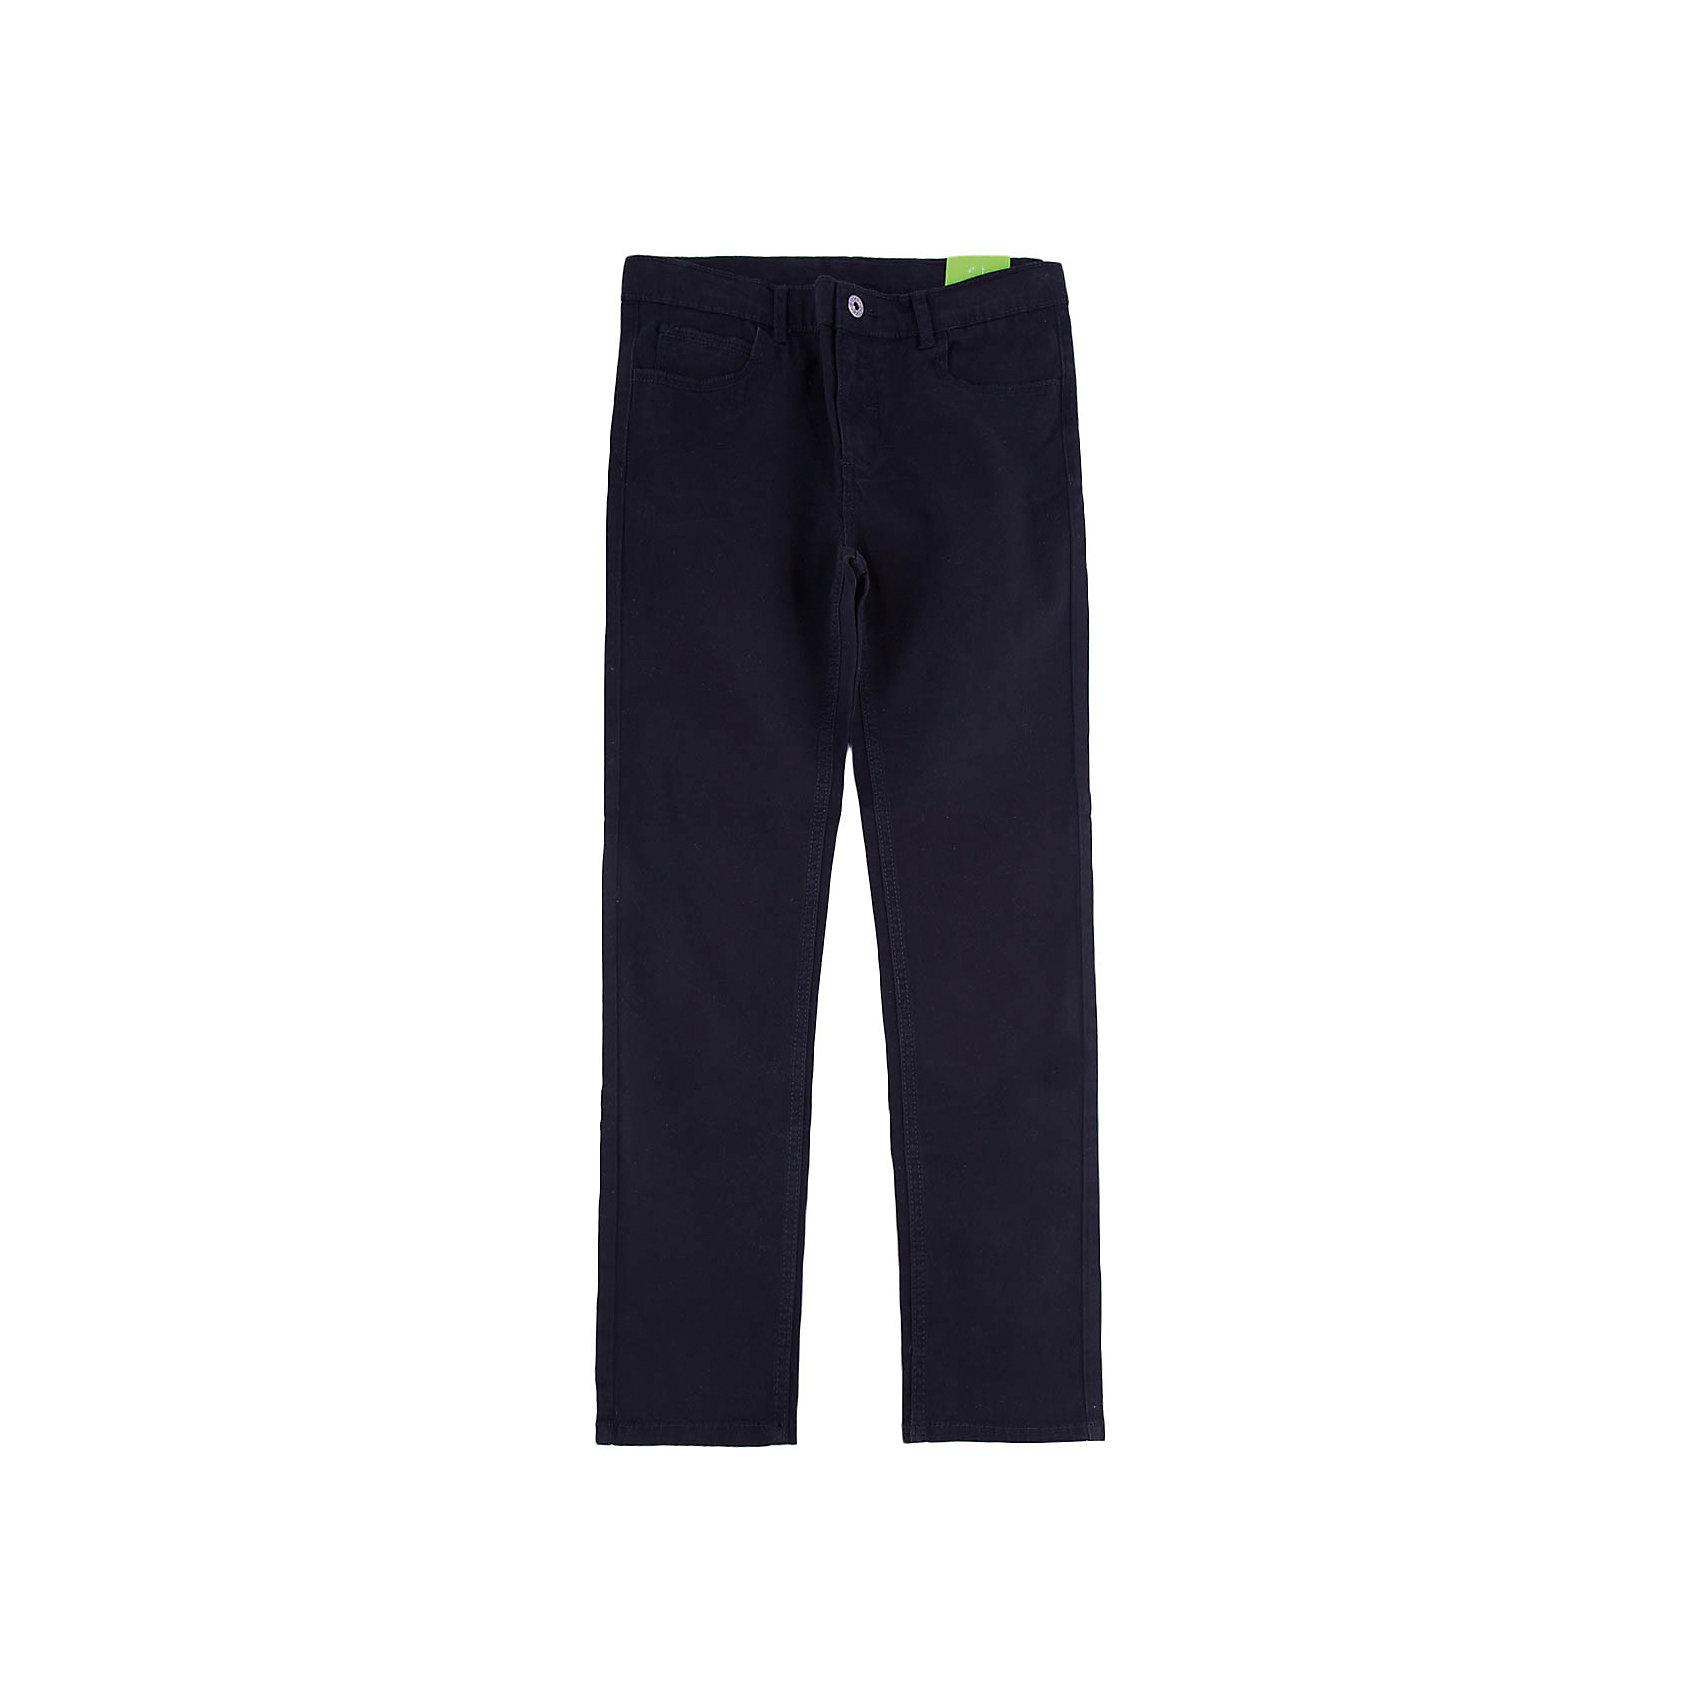 Брюки для мальчика ScoolБрюки<br>Брюки для мальчика Scool – классика и стиль для юных модников.<br>Черные брюки прямого кроя подойдут как для школьной формы, так и просто для постоянной носки. Застегиваются на молнию, при необходимости можно вставить ремень. Материал не притягивает пыль. Как и в обычных моделях, брюки имеют пять карманов: три впереди, два сзади.<br><br>Дополнительная информация:<br><br>- материал: 98% хлопок, 2% эластан<br>- цвет: черный<br><br>Брюки для мальчика Scool можно купить в нашем интернет магазине.<br><br>Ширина мм: 215<br>Глубина мм: 88<br>Высота мм: 191<br>Вес г: 336<br>Цвет: черный<br>Возраст от месяцев: 132<br>Возраст до месяцев: 144<br>Пол: Мужской<br>Возраст: Детский<br>Размер: 152,158,164,140,146,134<br>SKU: 4911586